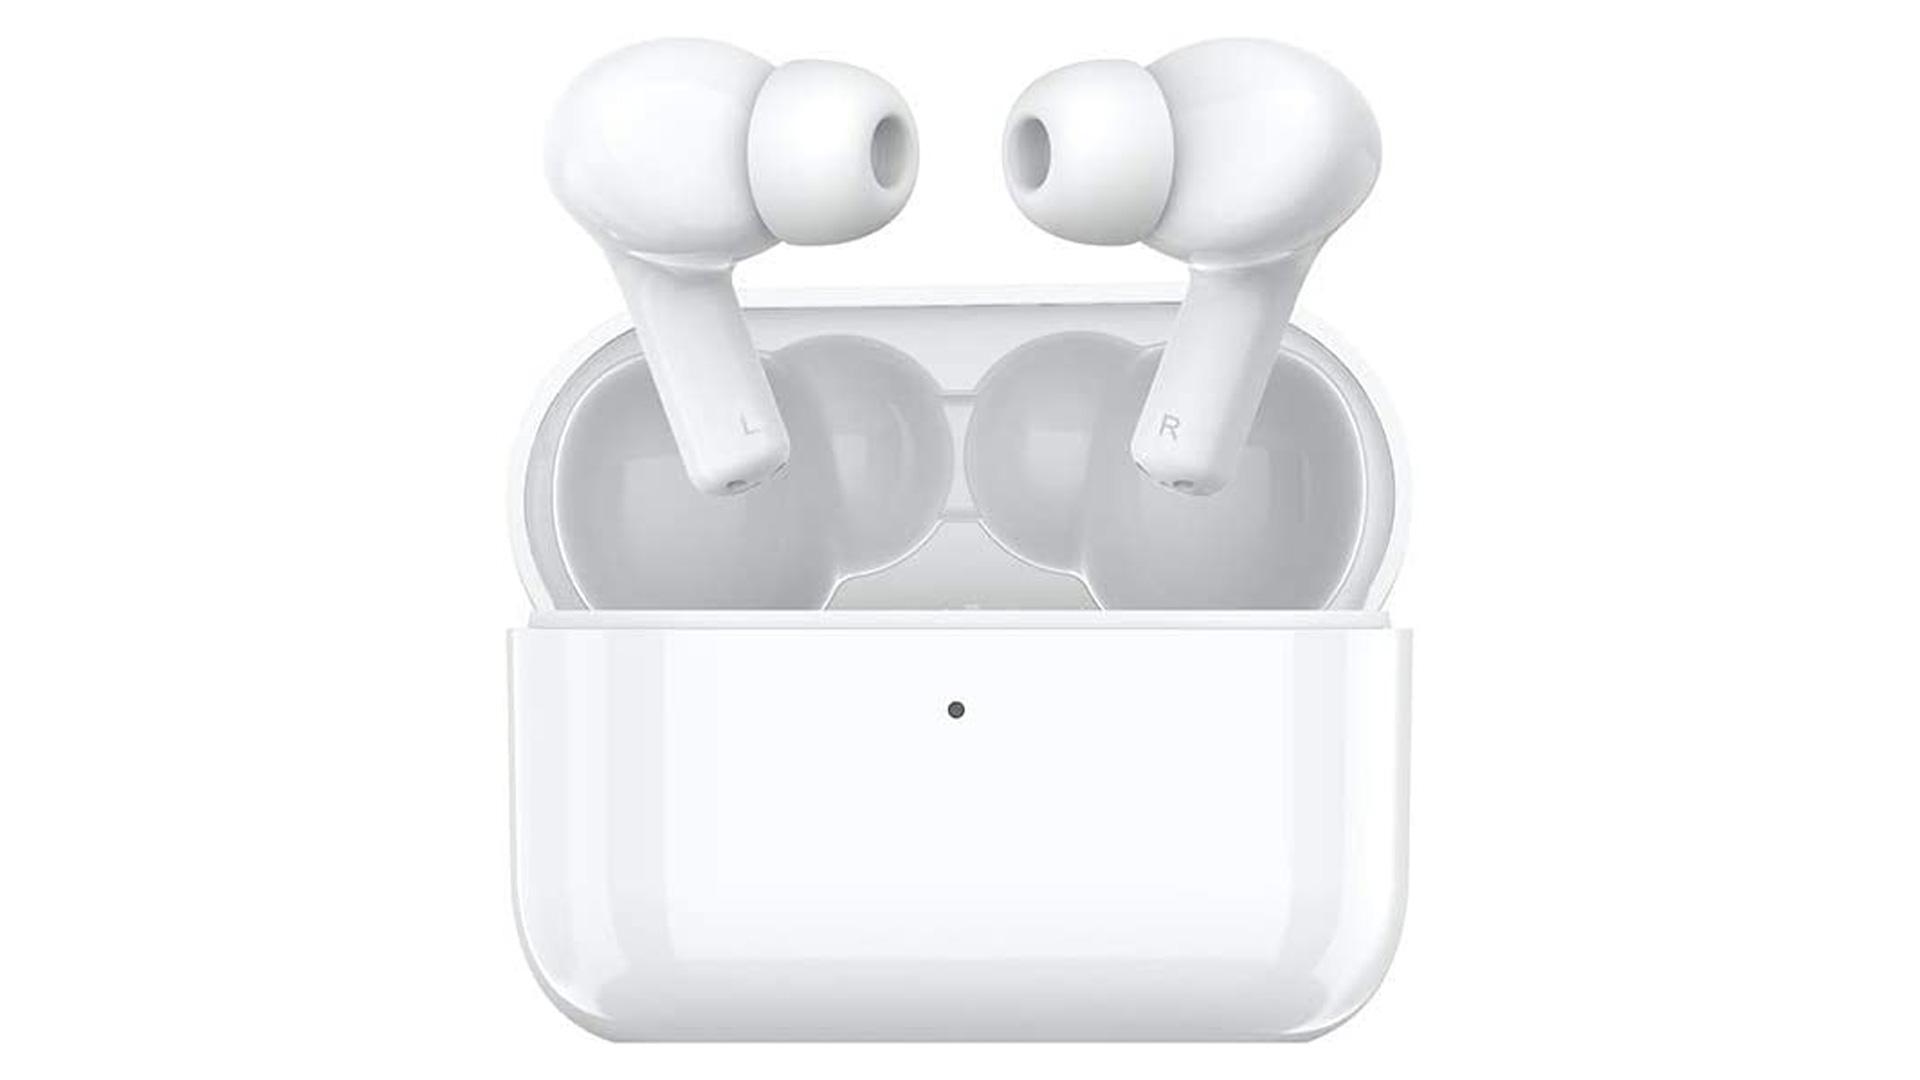 honor choice true wireless earbuds ufficiali specifiche prezzo